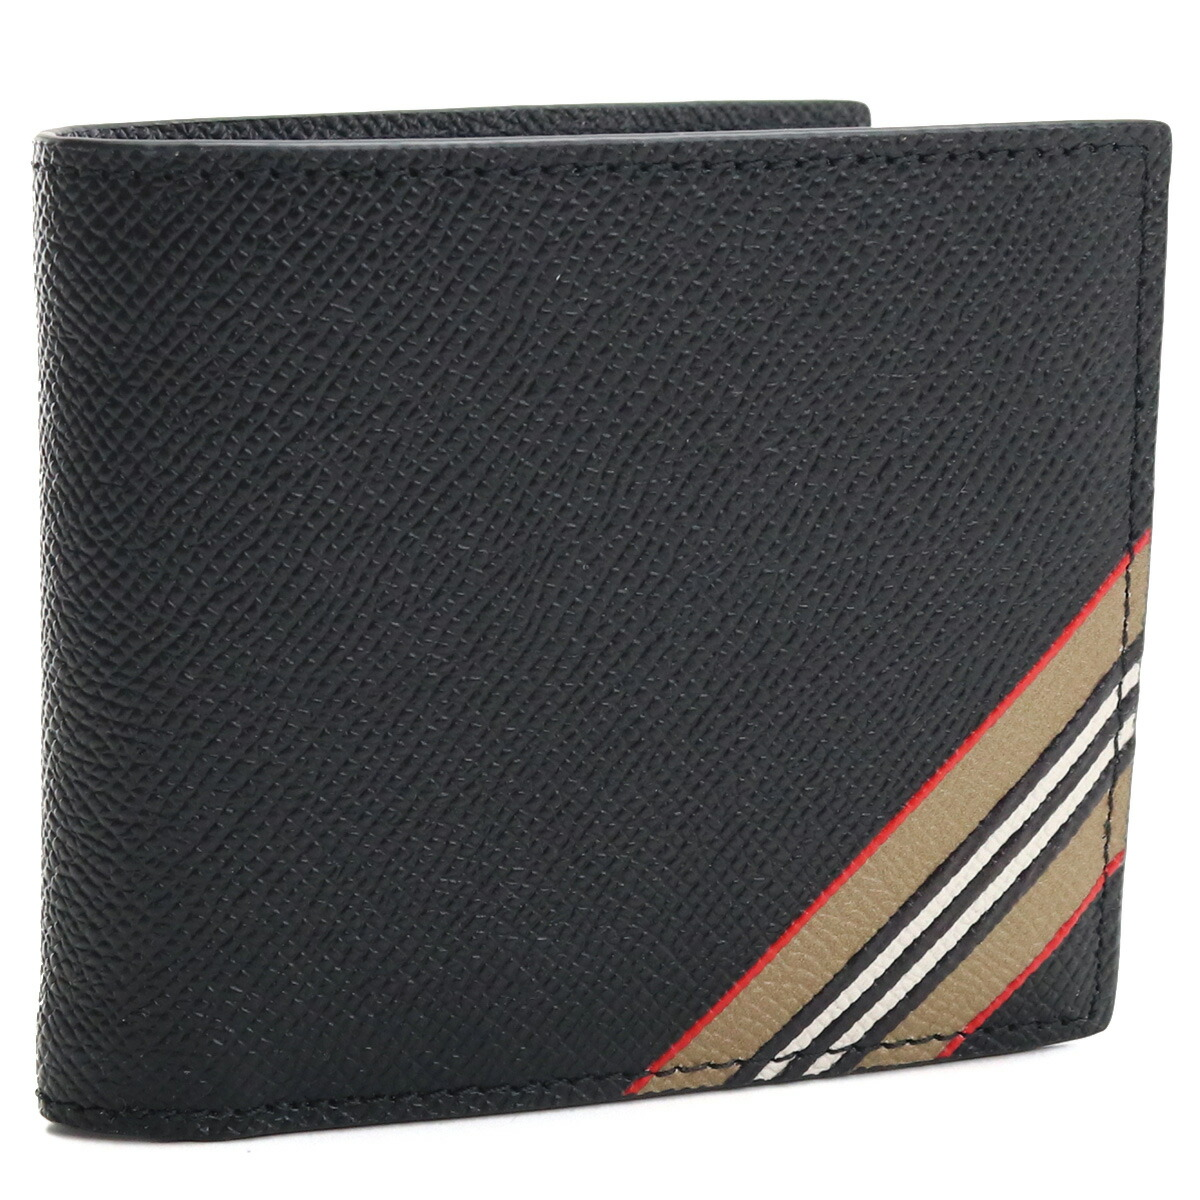 バーバリー BURBERRY  2つ折り財布 ブランド財布 ブランドミニ財布 コンパクト財布 ブランドロゴ メンズ財布 8033846 A1189 BLACK ブラック bos-03 gsm-2